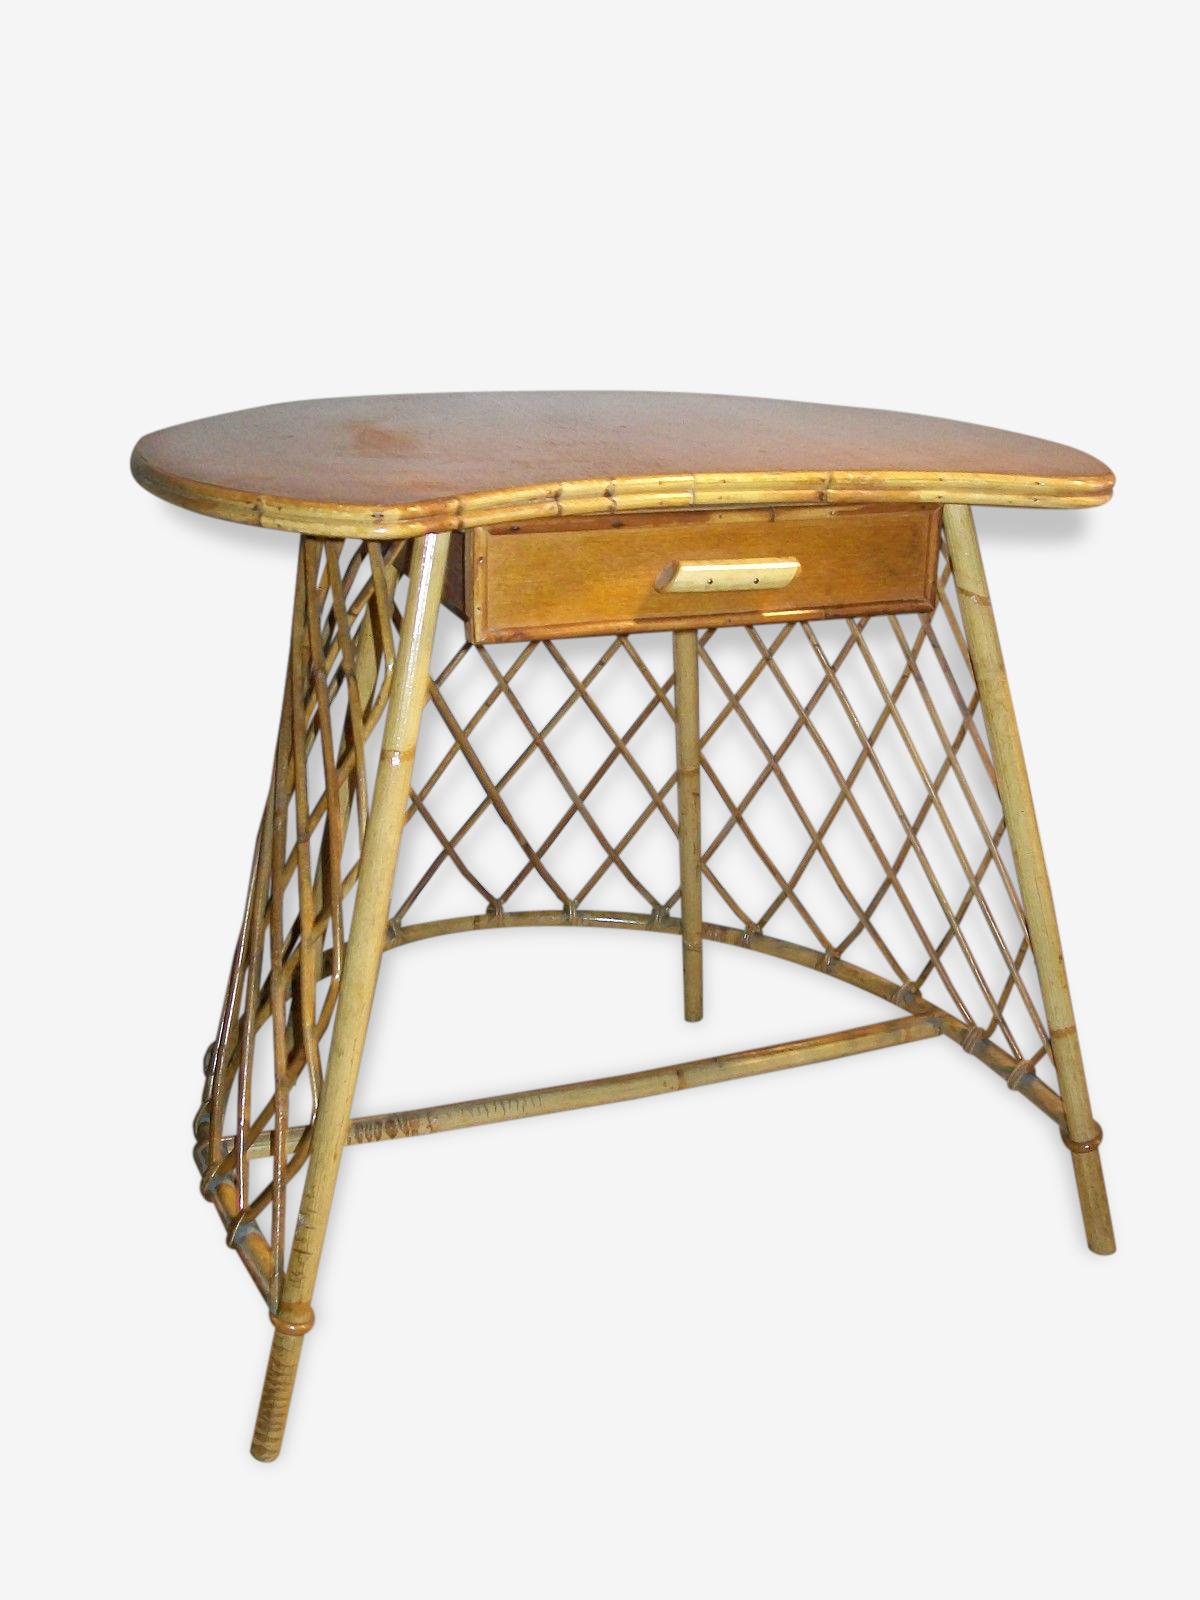 Petite table d'appoint / coiffeuse en osier 1950-60